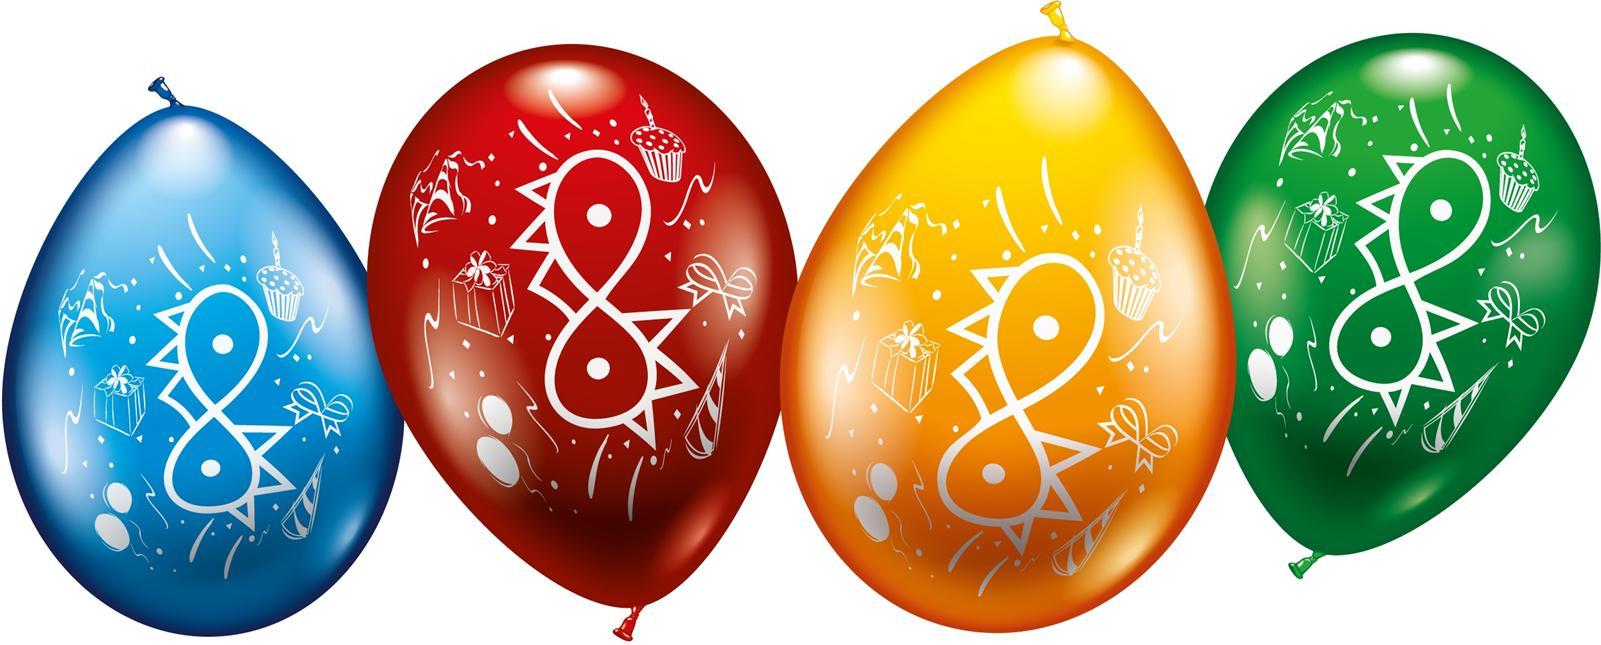 Zahlen Luftballons zum 8. Geburtstag Helium geeignet